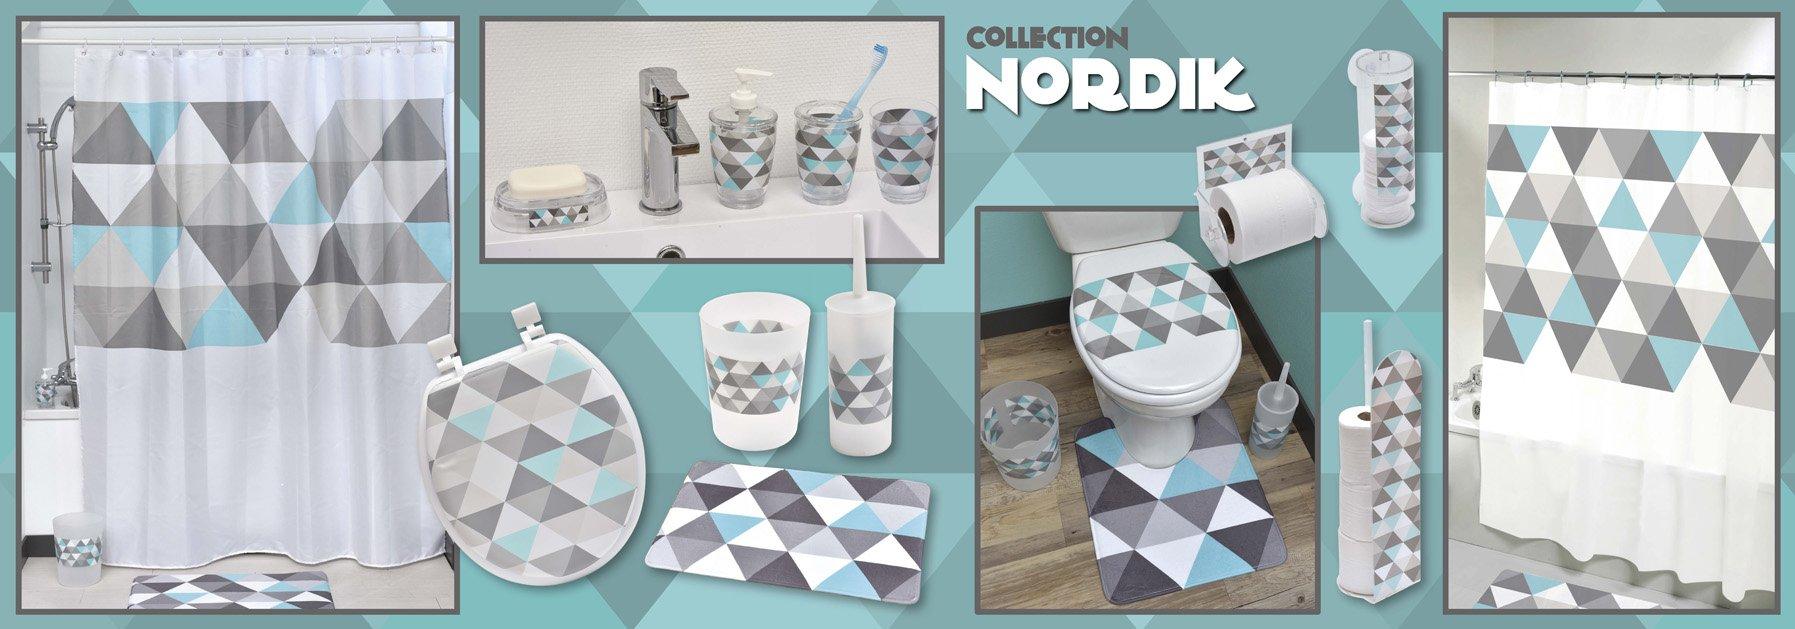 EVIDECO Nordik Printed Floor Trash Can Bin Waste Basket 4.5-Liters/1.2-Gal, Multicolor